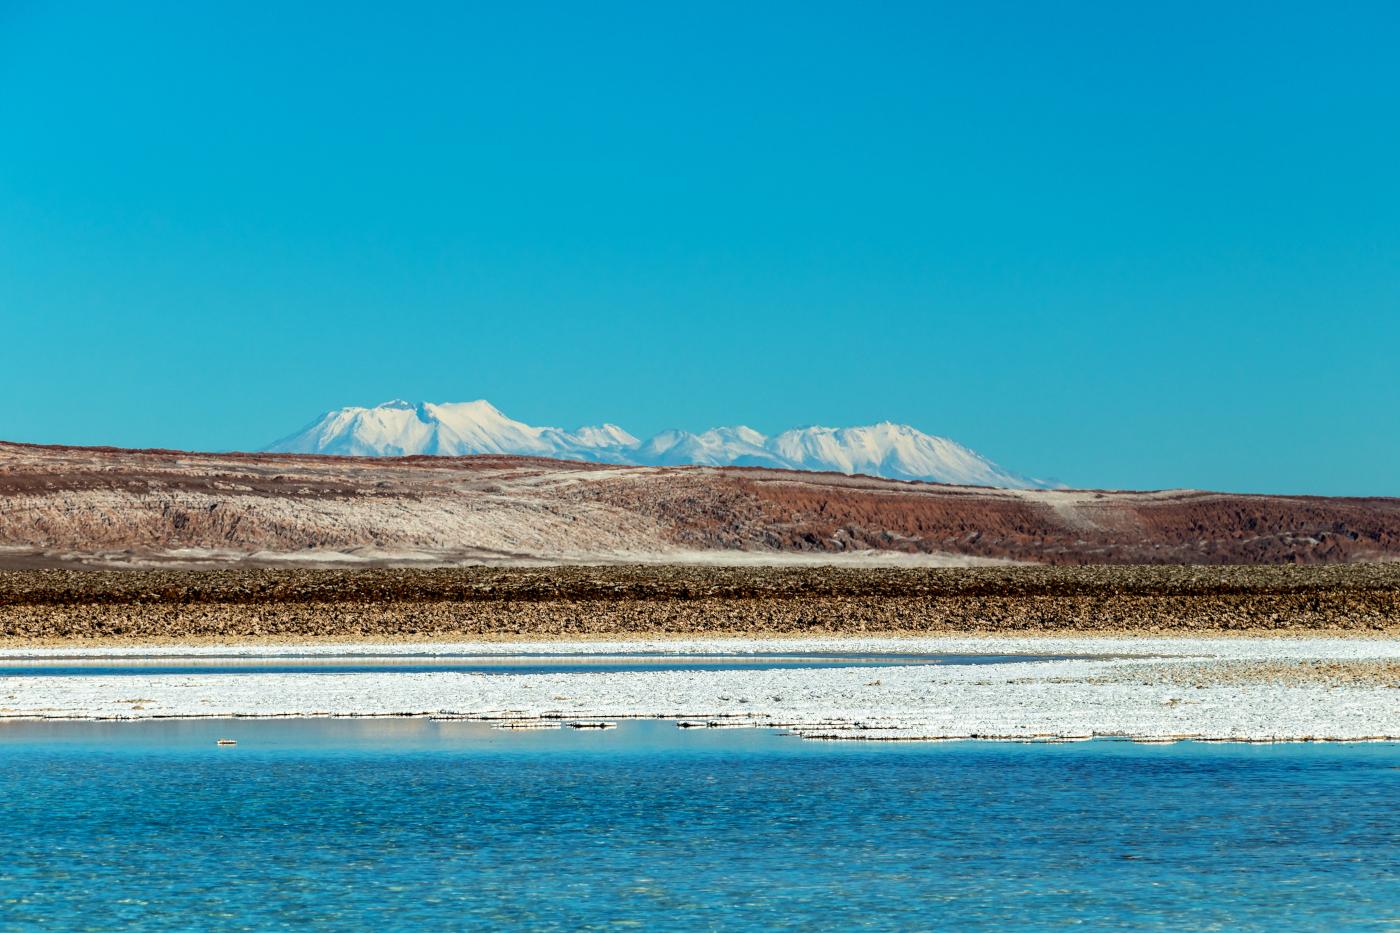 Imagen de la Lagunas Altiplanicas ocultas) de Baltinache